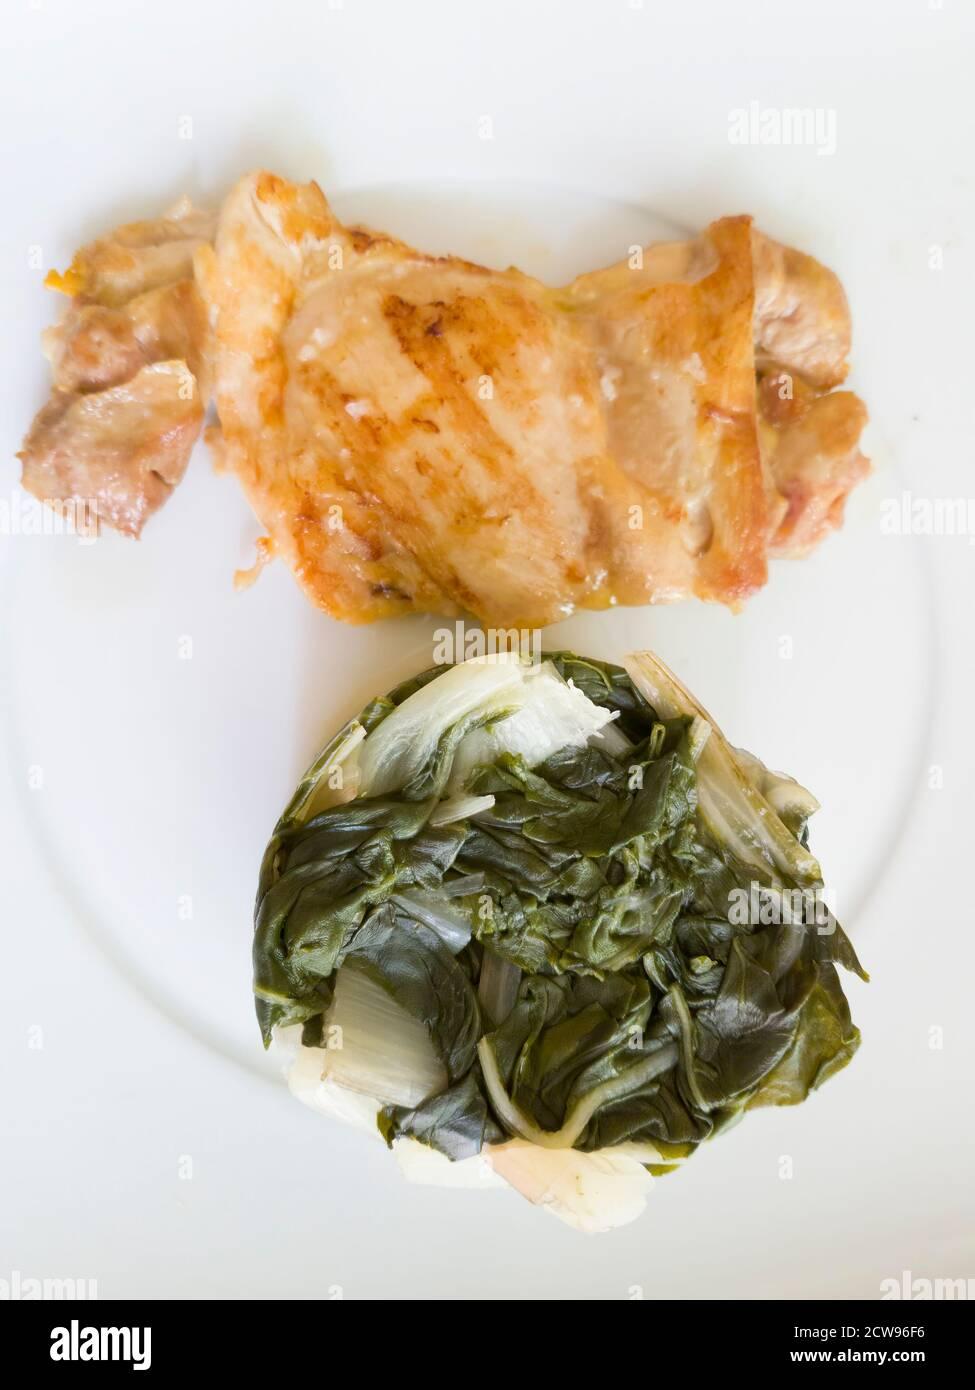 Poulet grillé garni de verger. Un repas idéal pour suivre une alimentation saine et équilibrée Banque D'Images